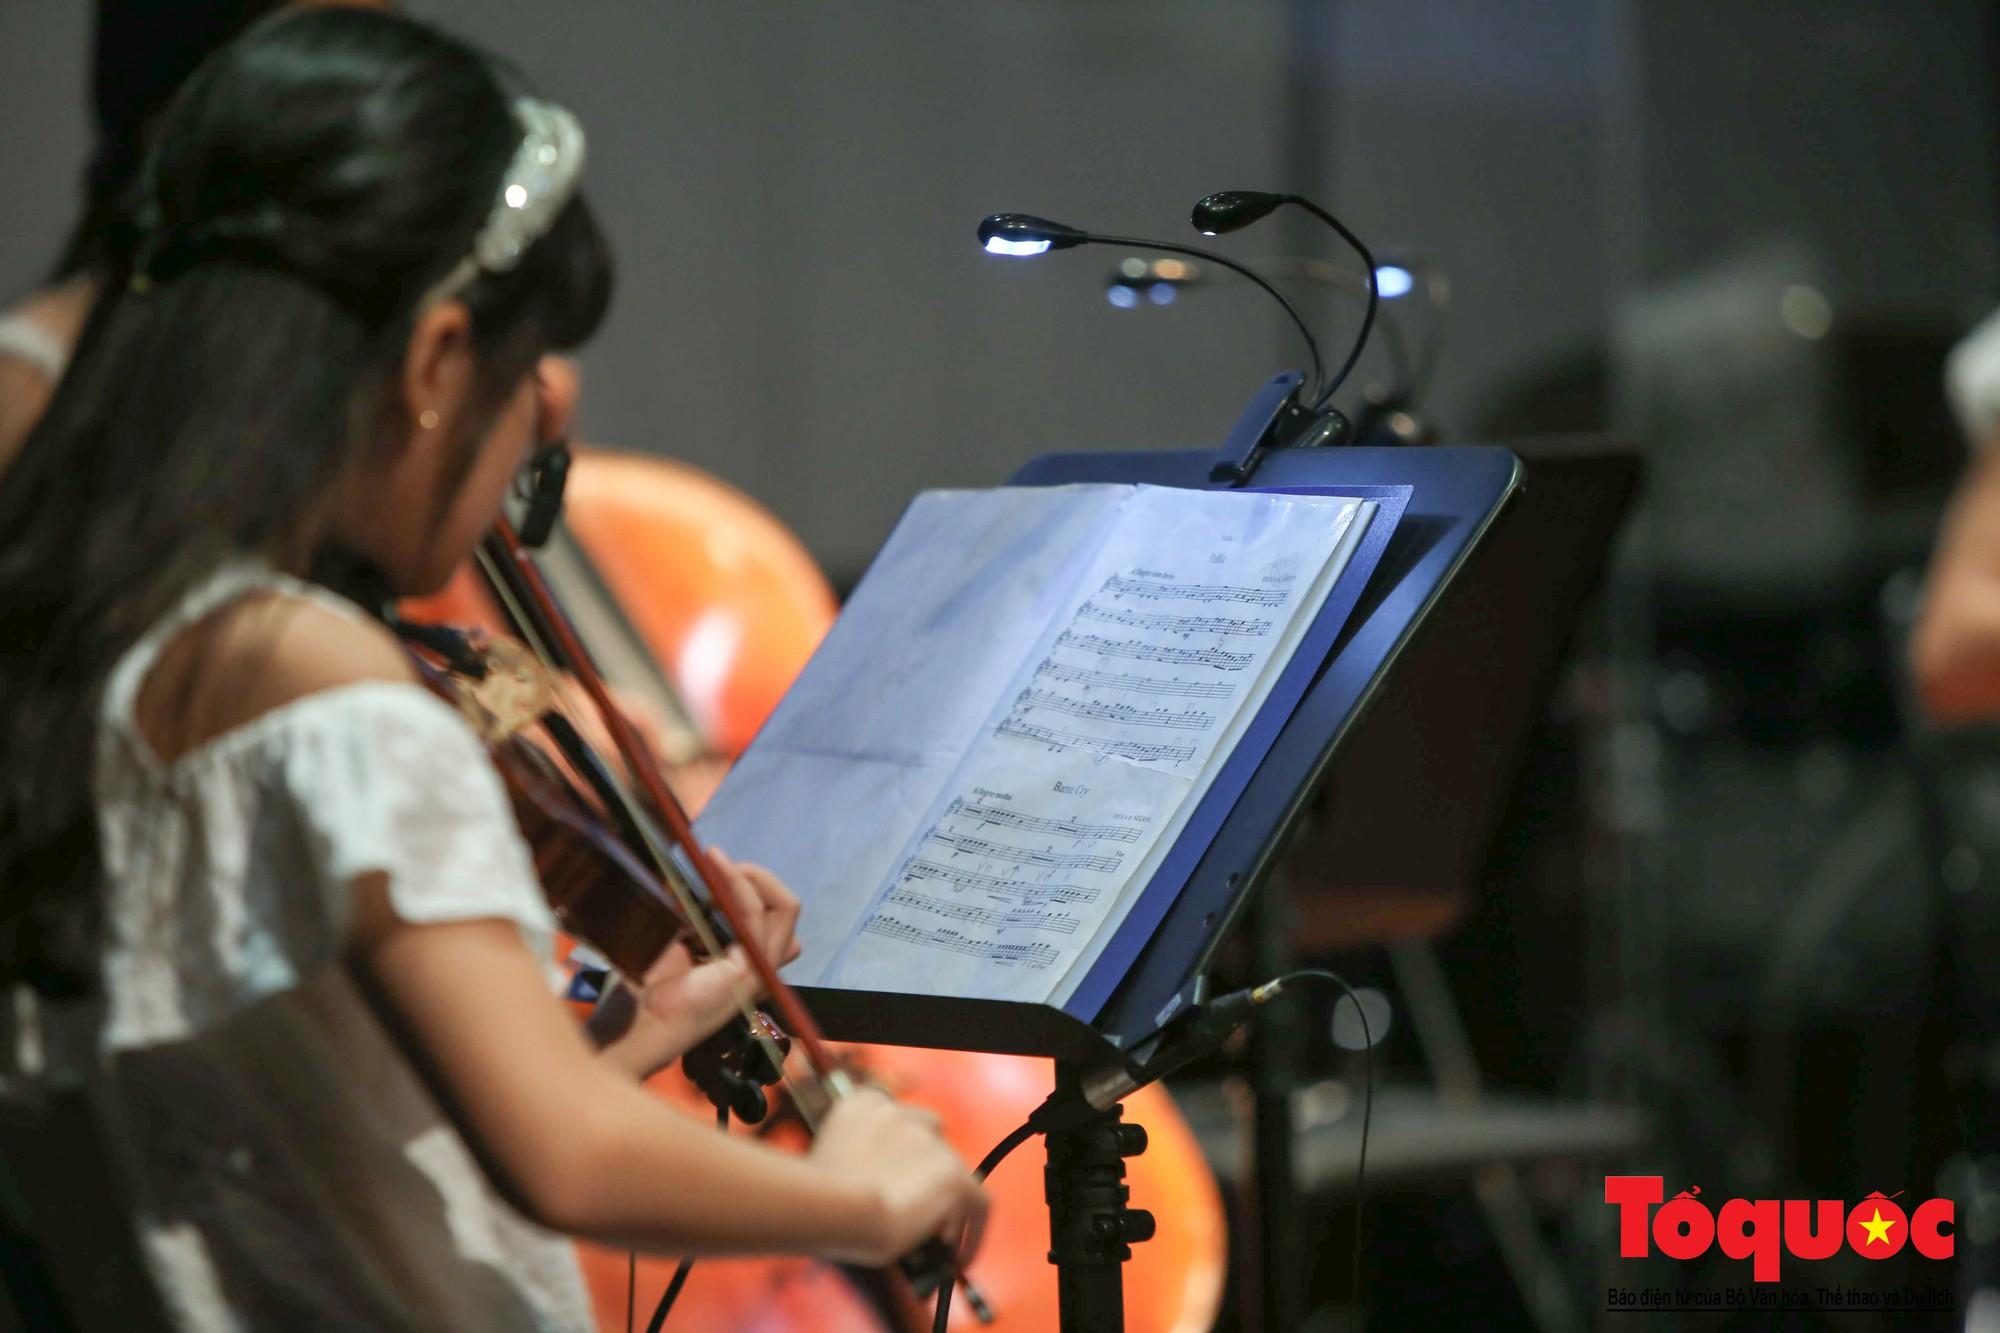 Dàn nhạc giao hưởng nhí đầu tiên của Việt Nam biểu diễn gây quỹ từ thiện (4)